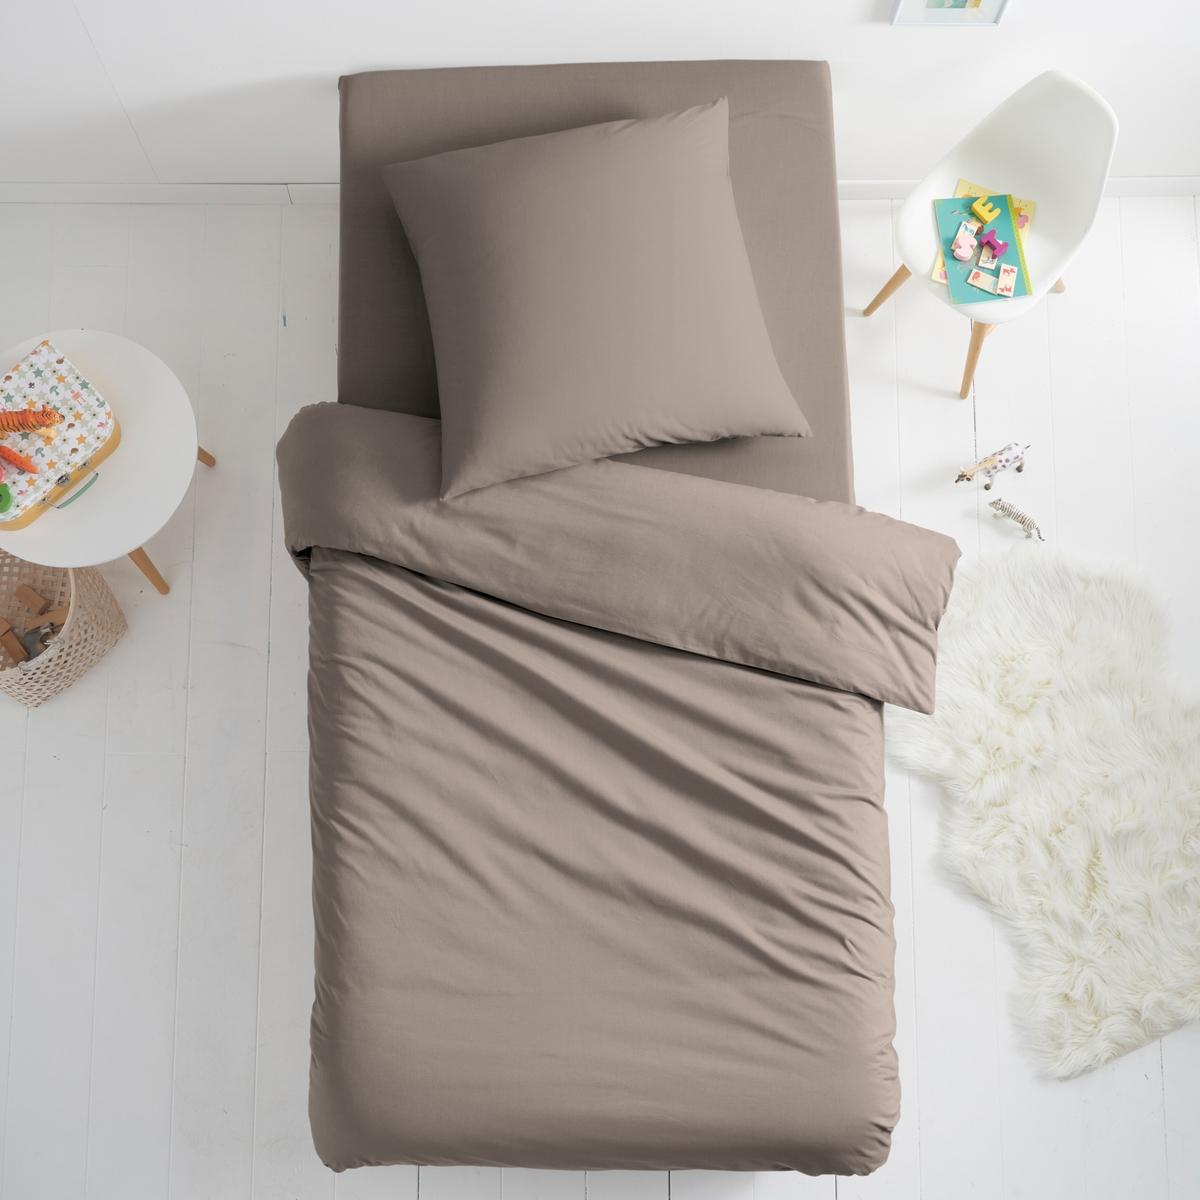 Obraz z Bawełniana poszwa na kołdrę do łóżka dziecięcego